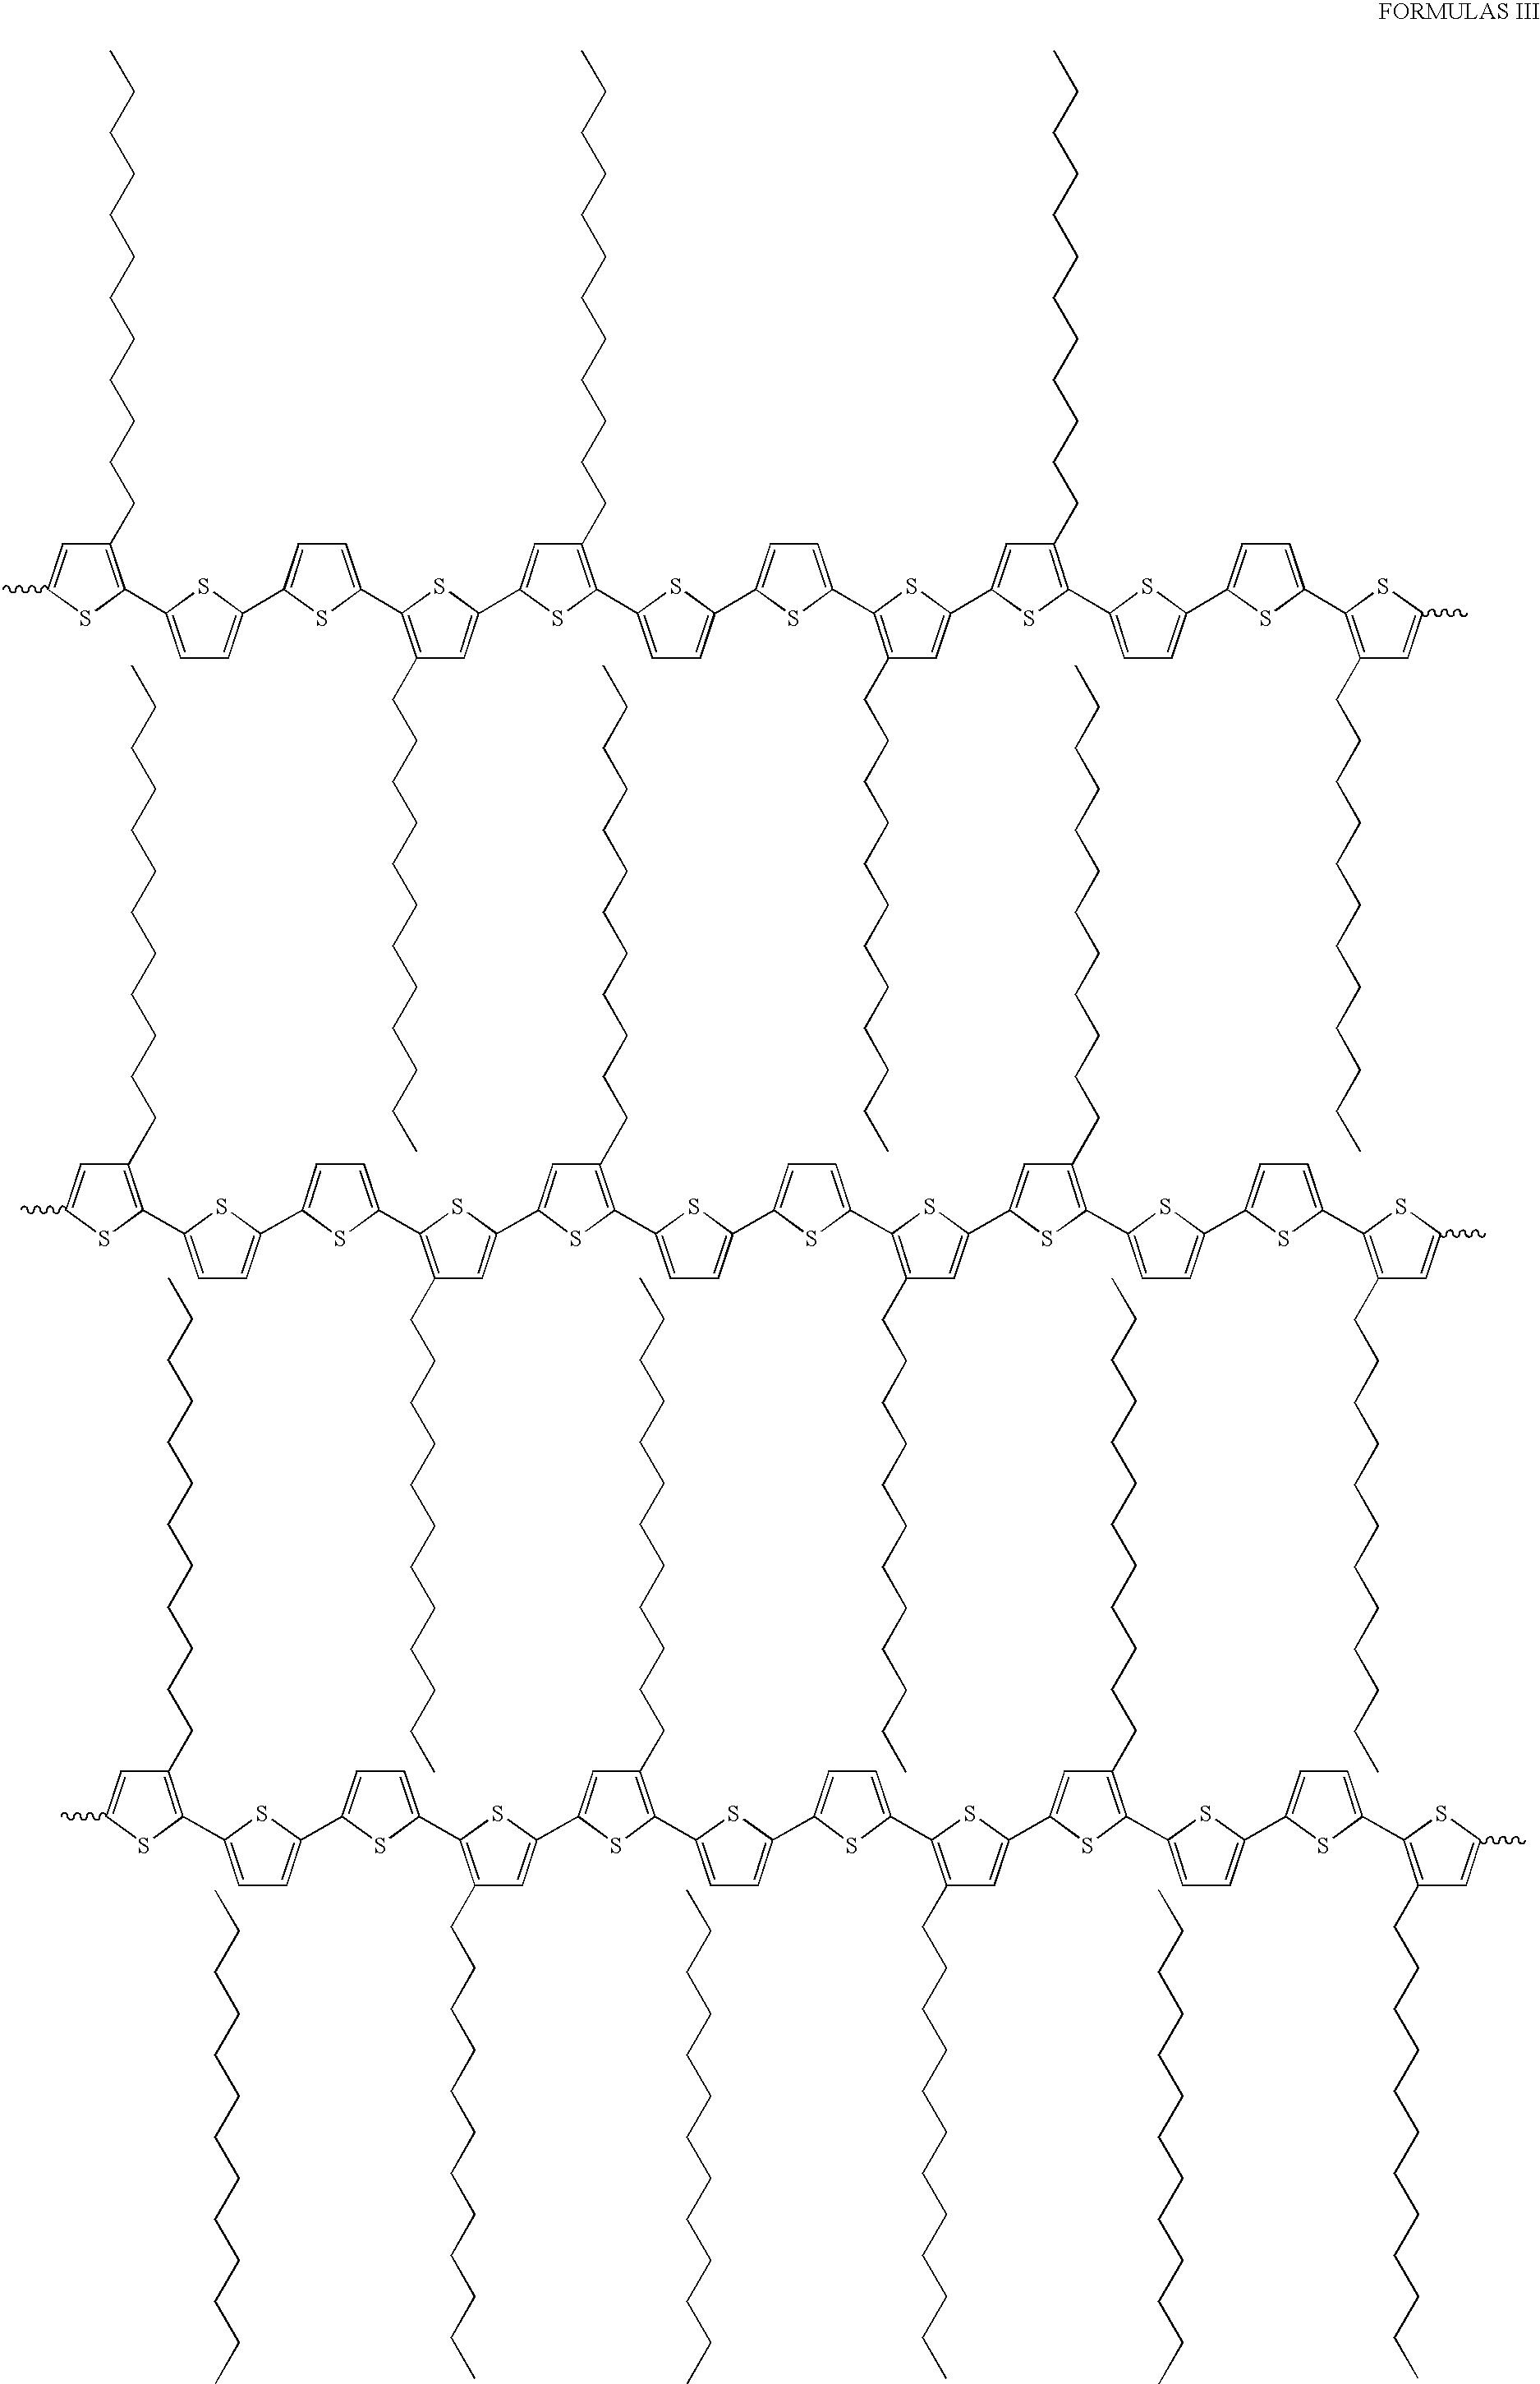 Figure US20070117963A1-20070524-C00006